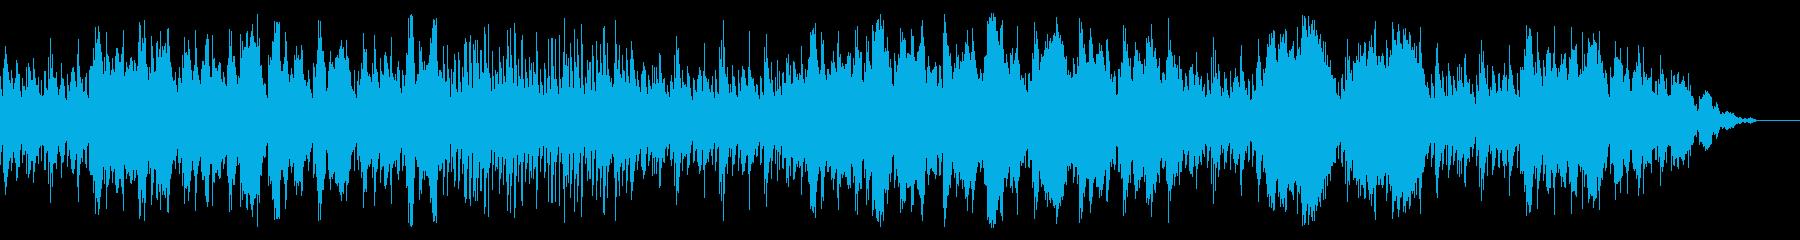 ファンタジーRPGの港町をイメージした曲の再生済みの波形